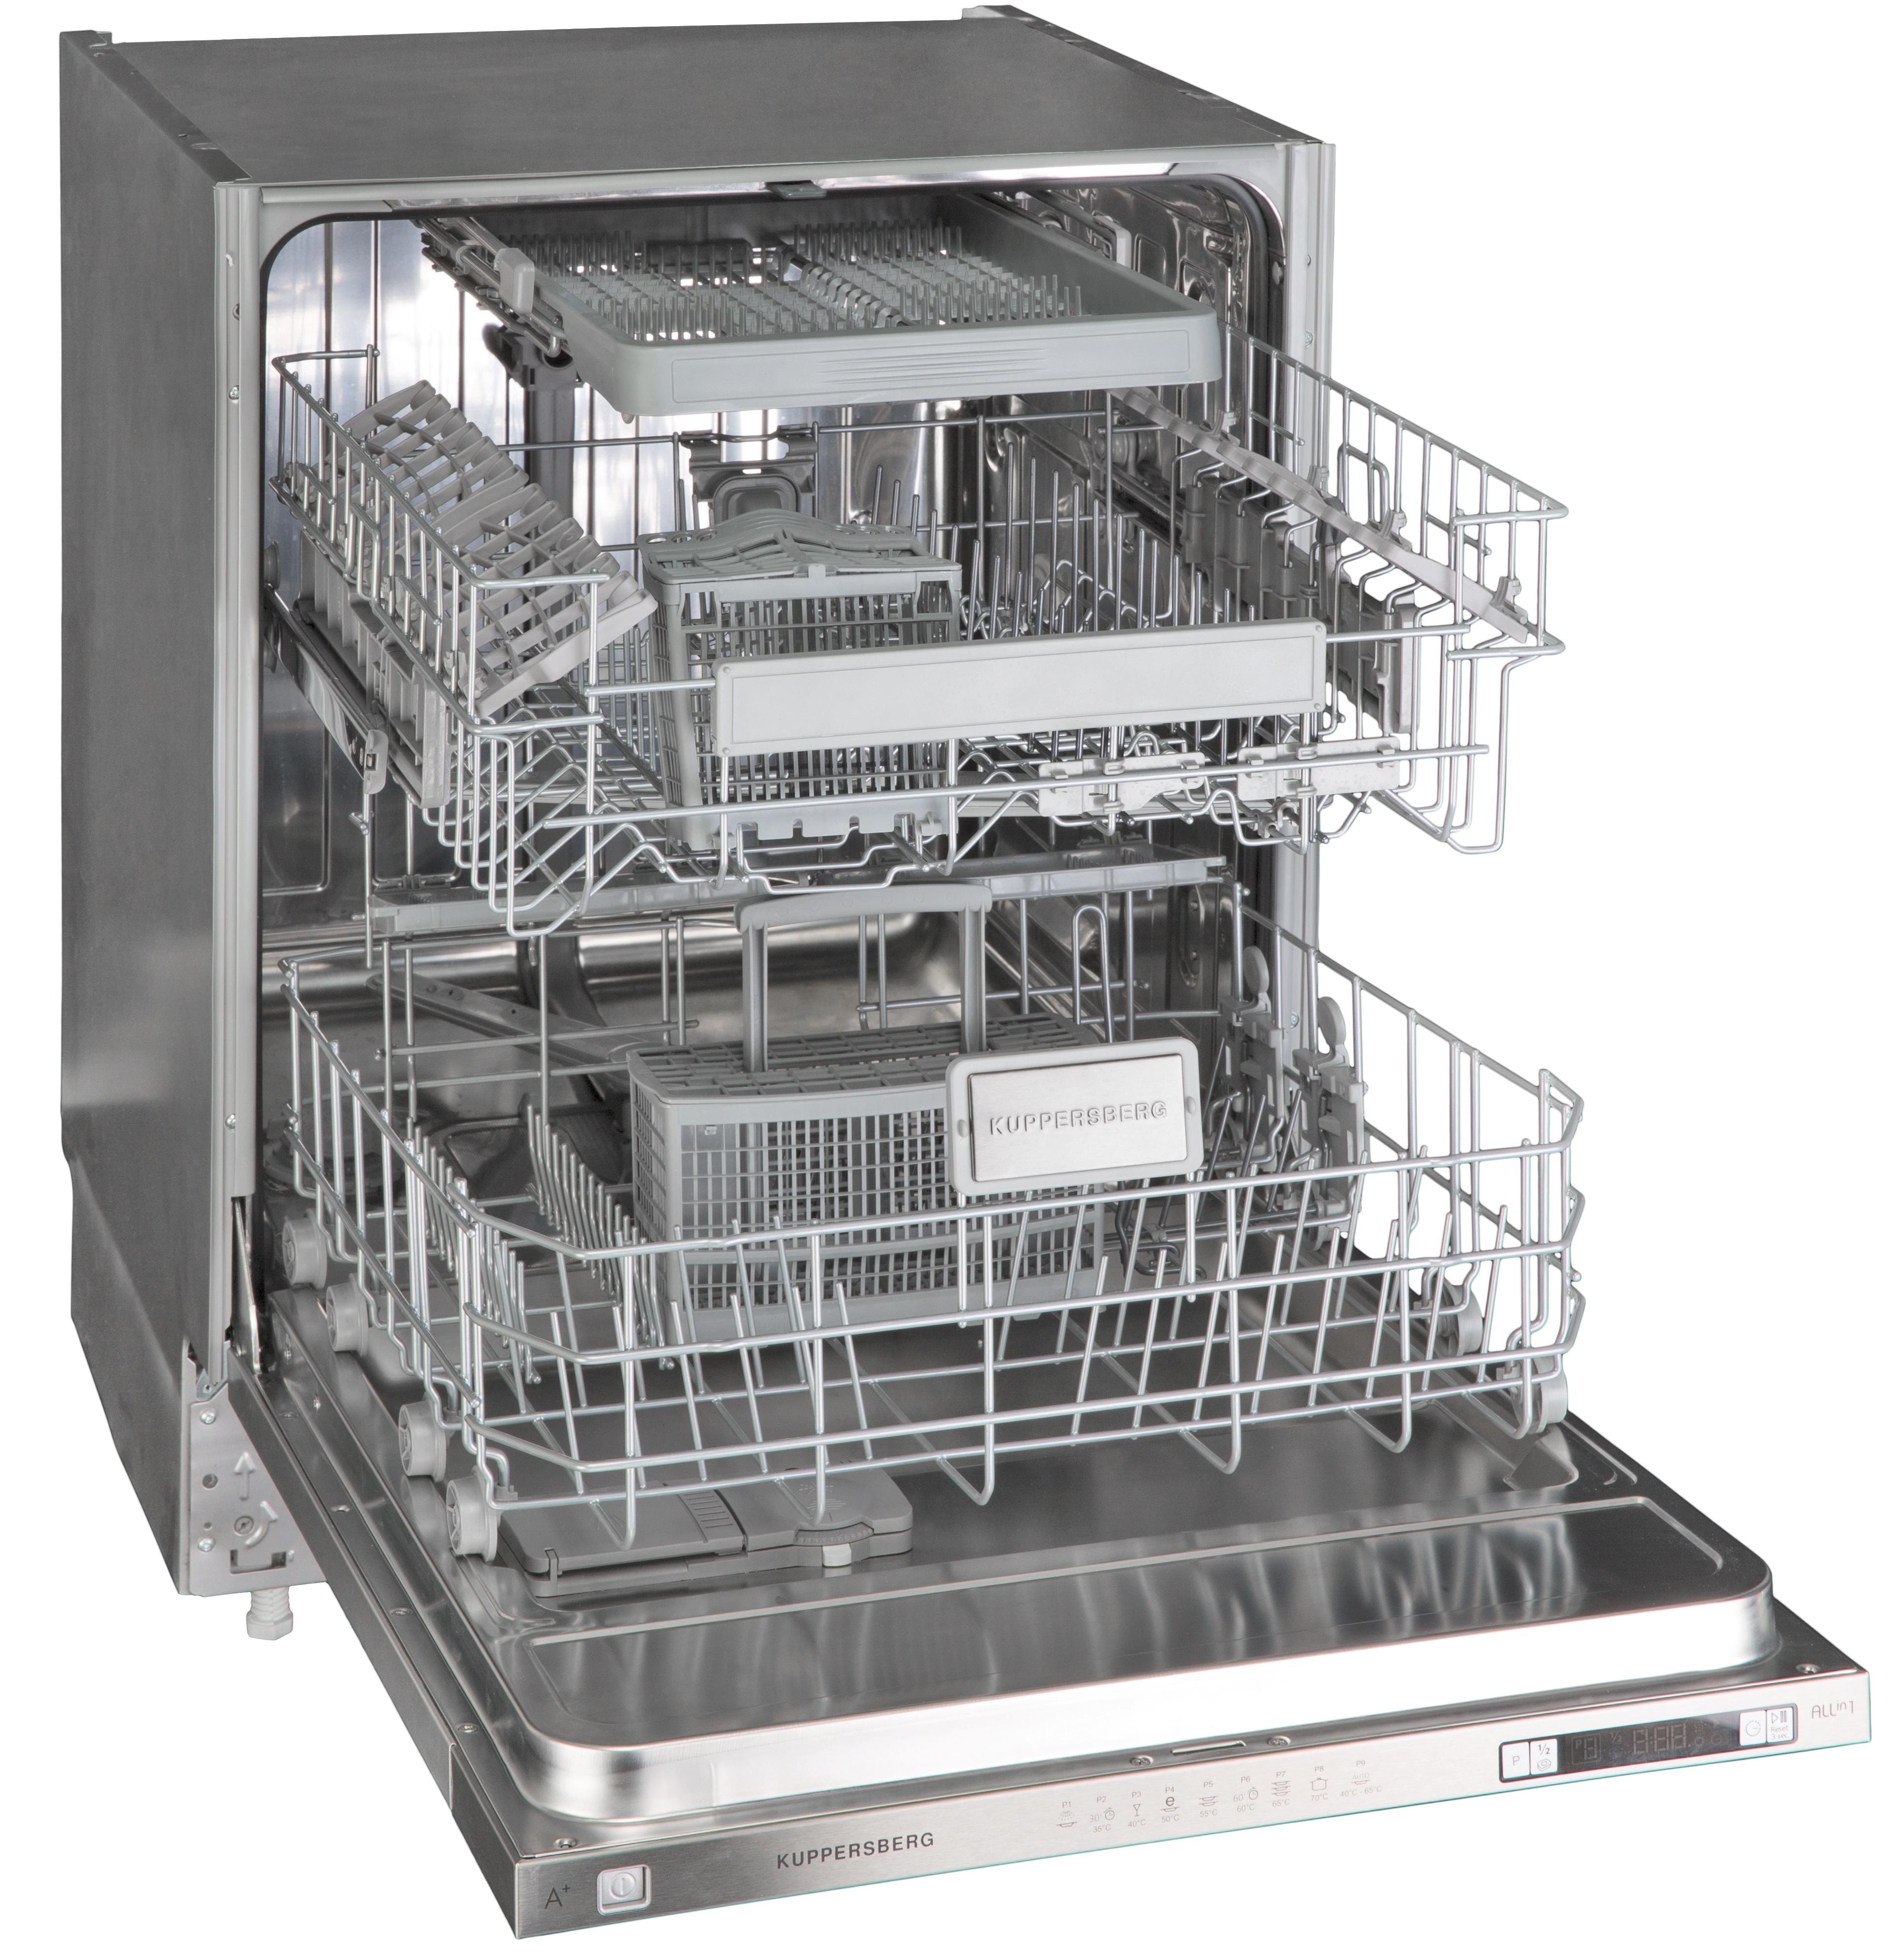 продажа встраиваемых посудомоечных машин